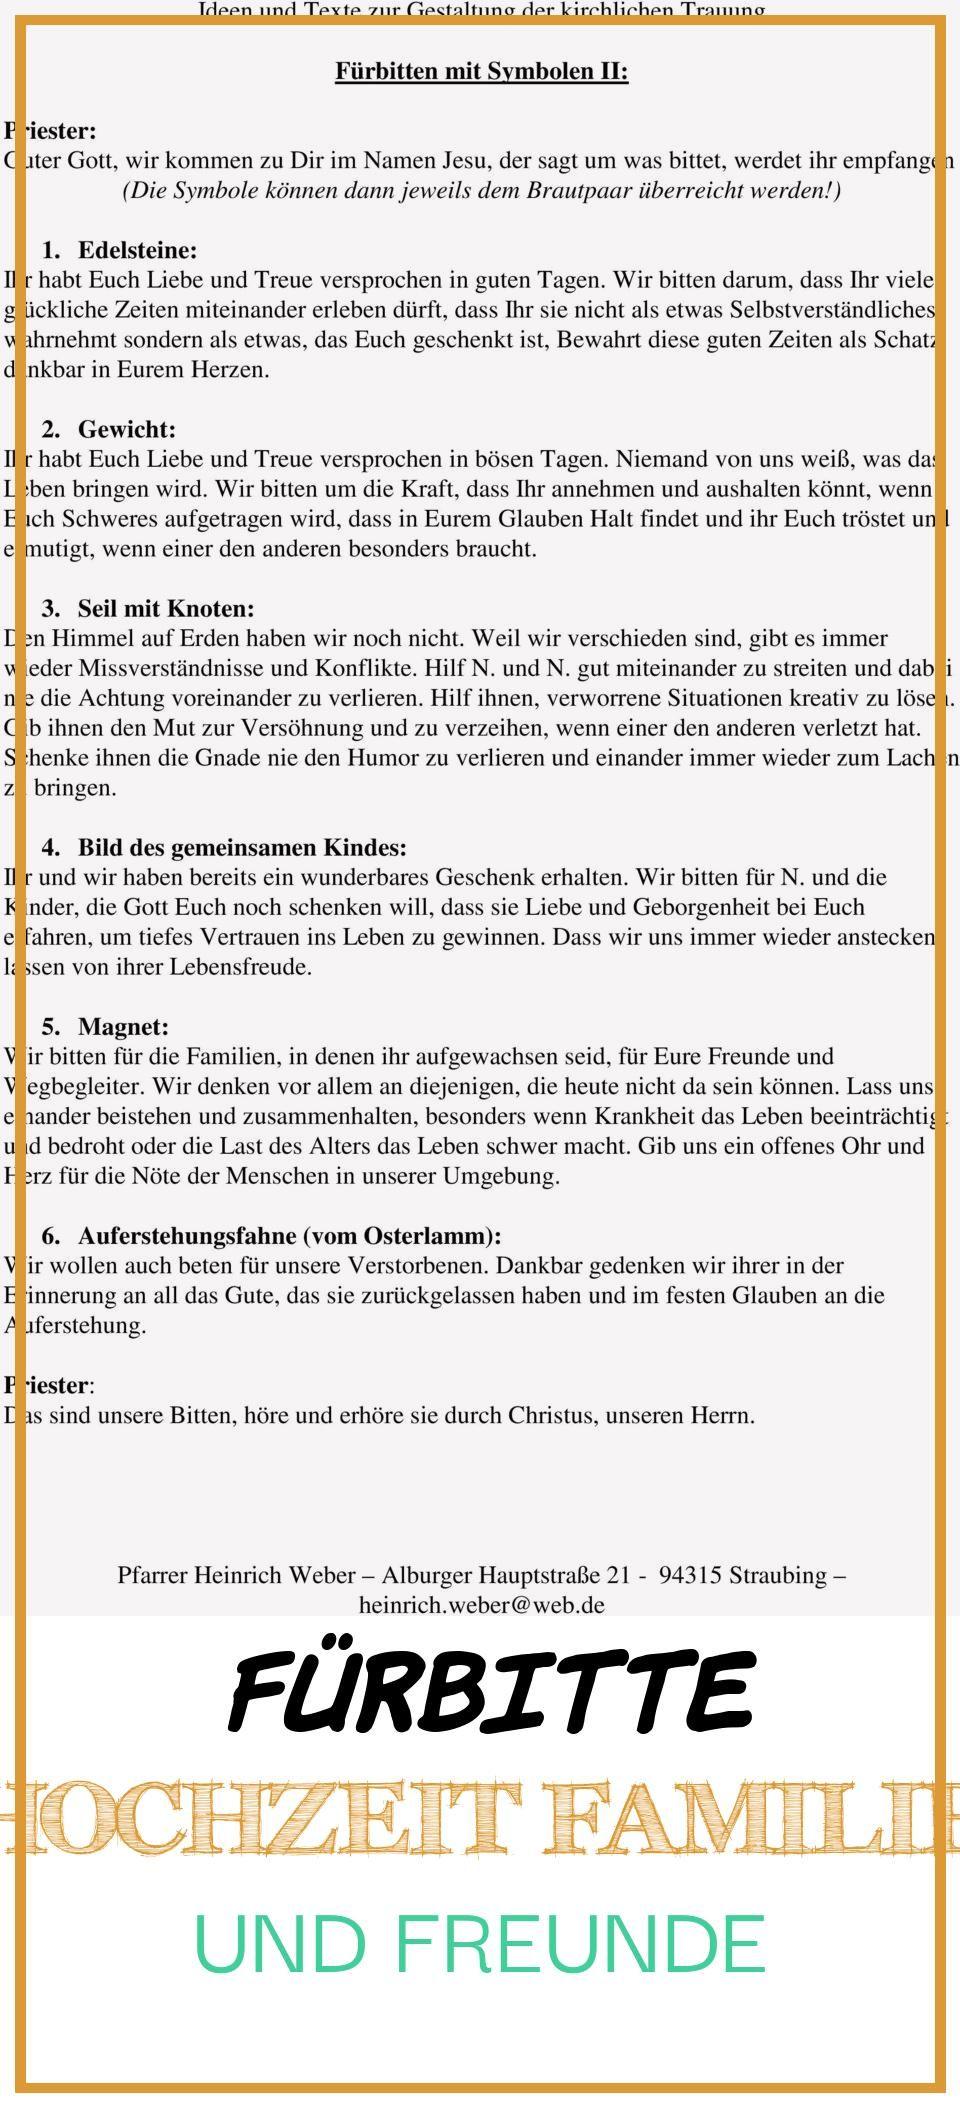 Good 11 Furbitte Hochzeit Familie Und Freunde Furbitten Kirchliche Trauung Hochzeit